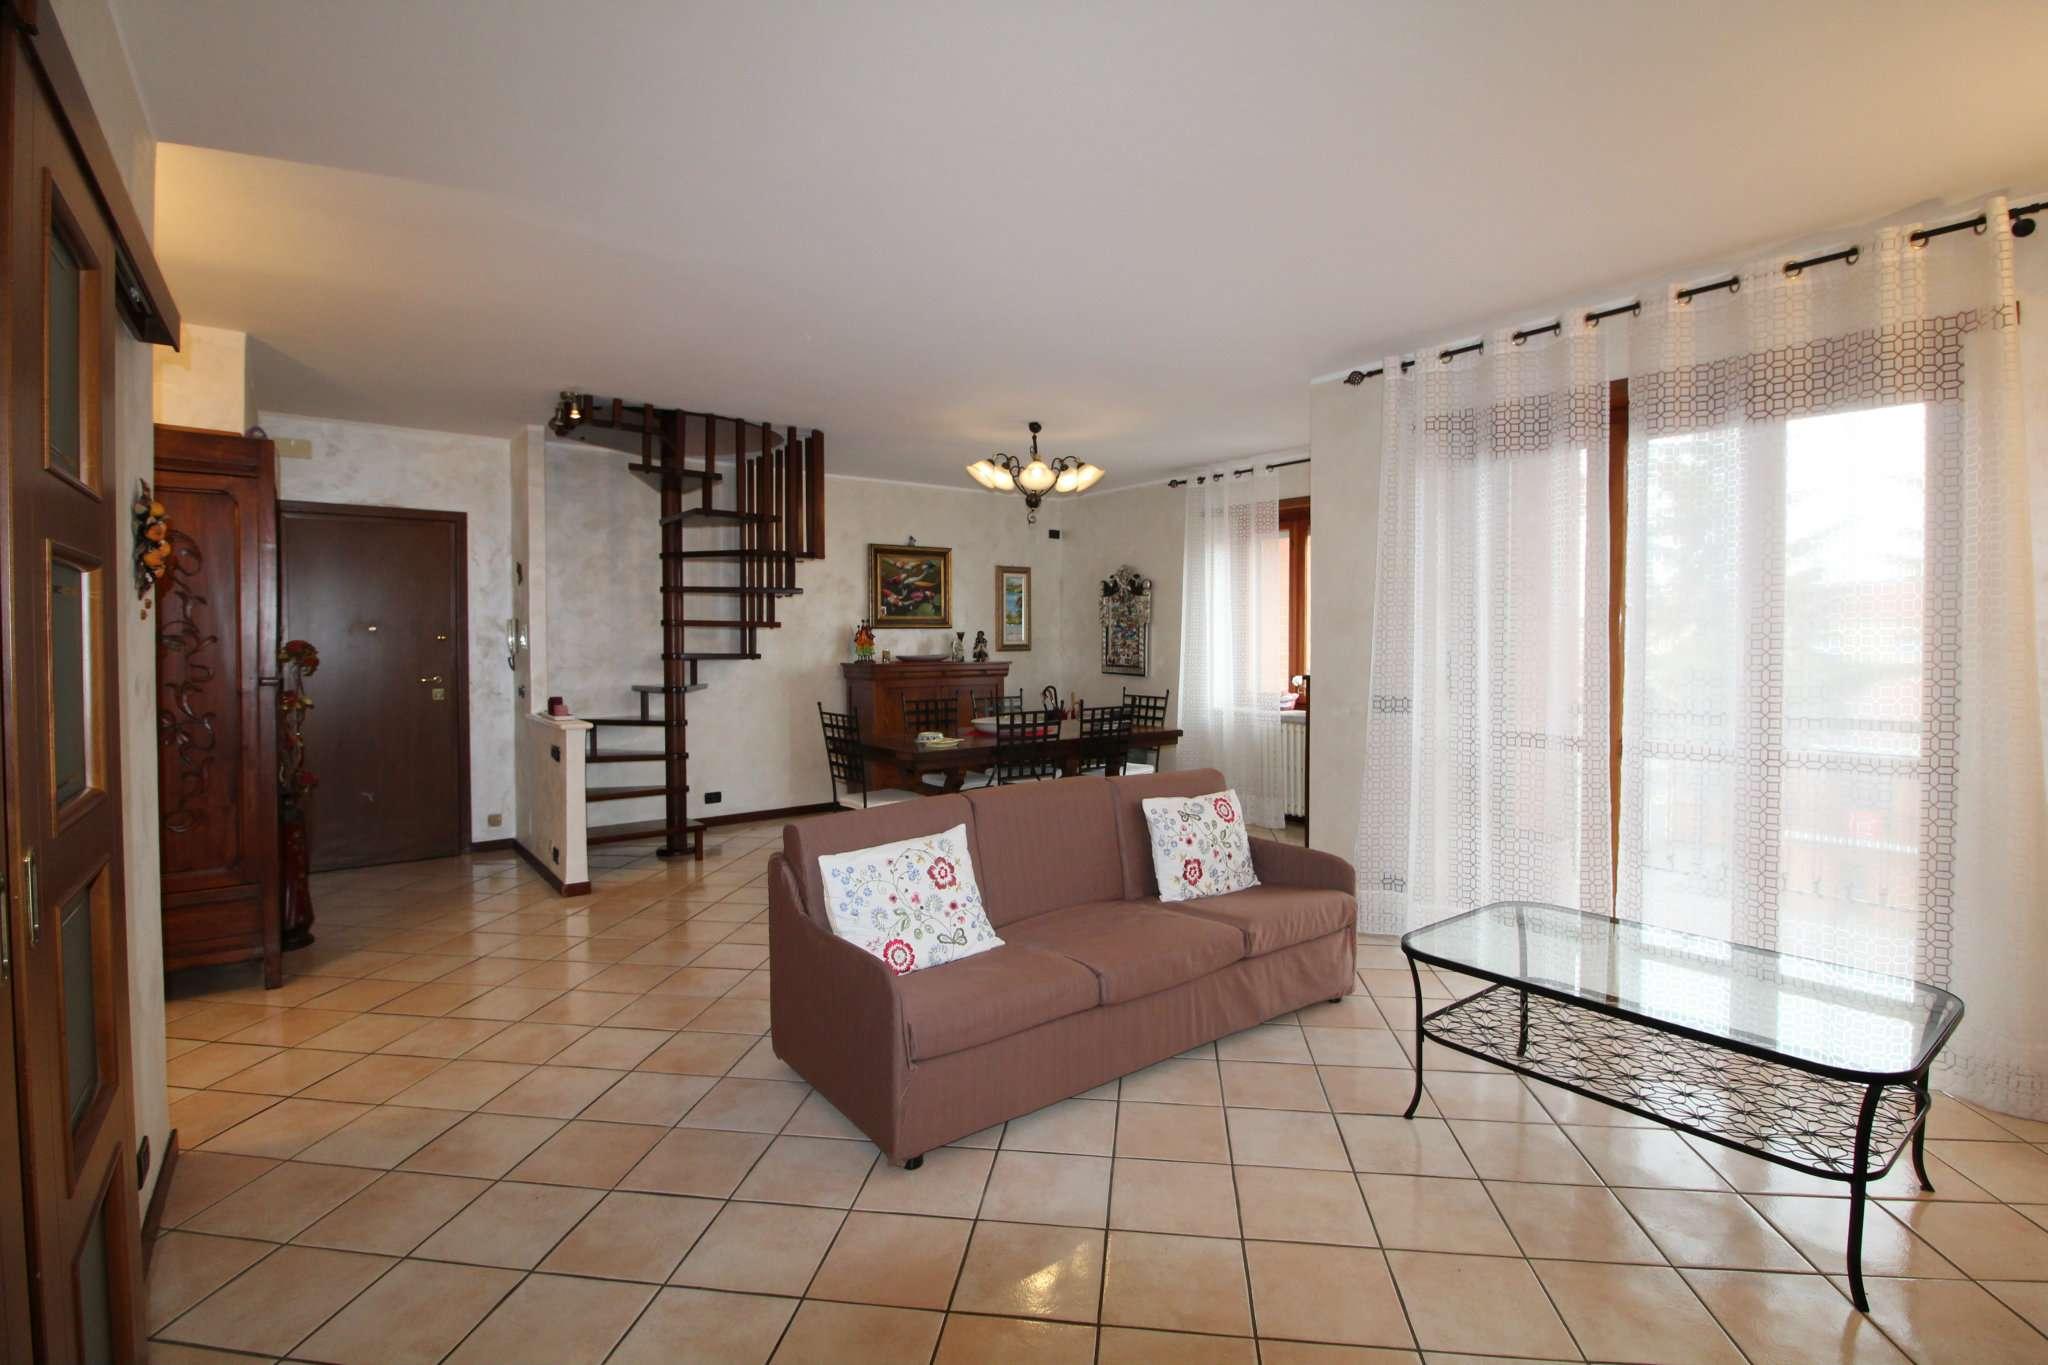 Appartamento in vendita a None, 6 locali, prezzo € 235.000 | CambioCasa.it